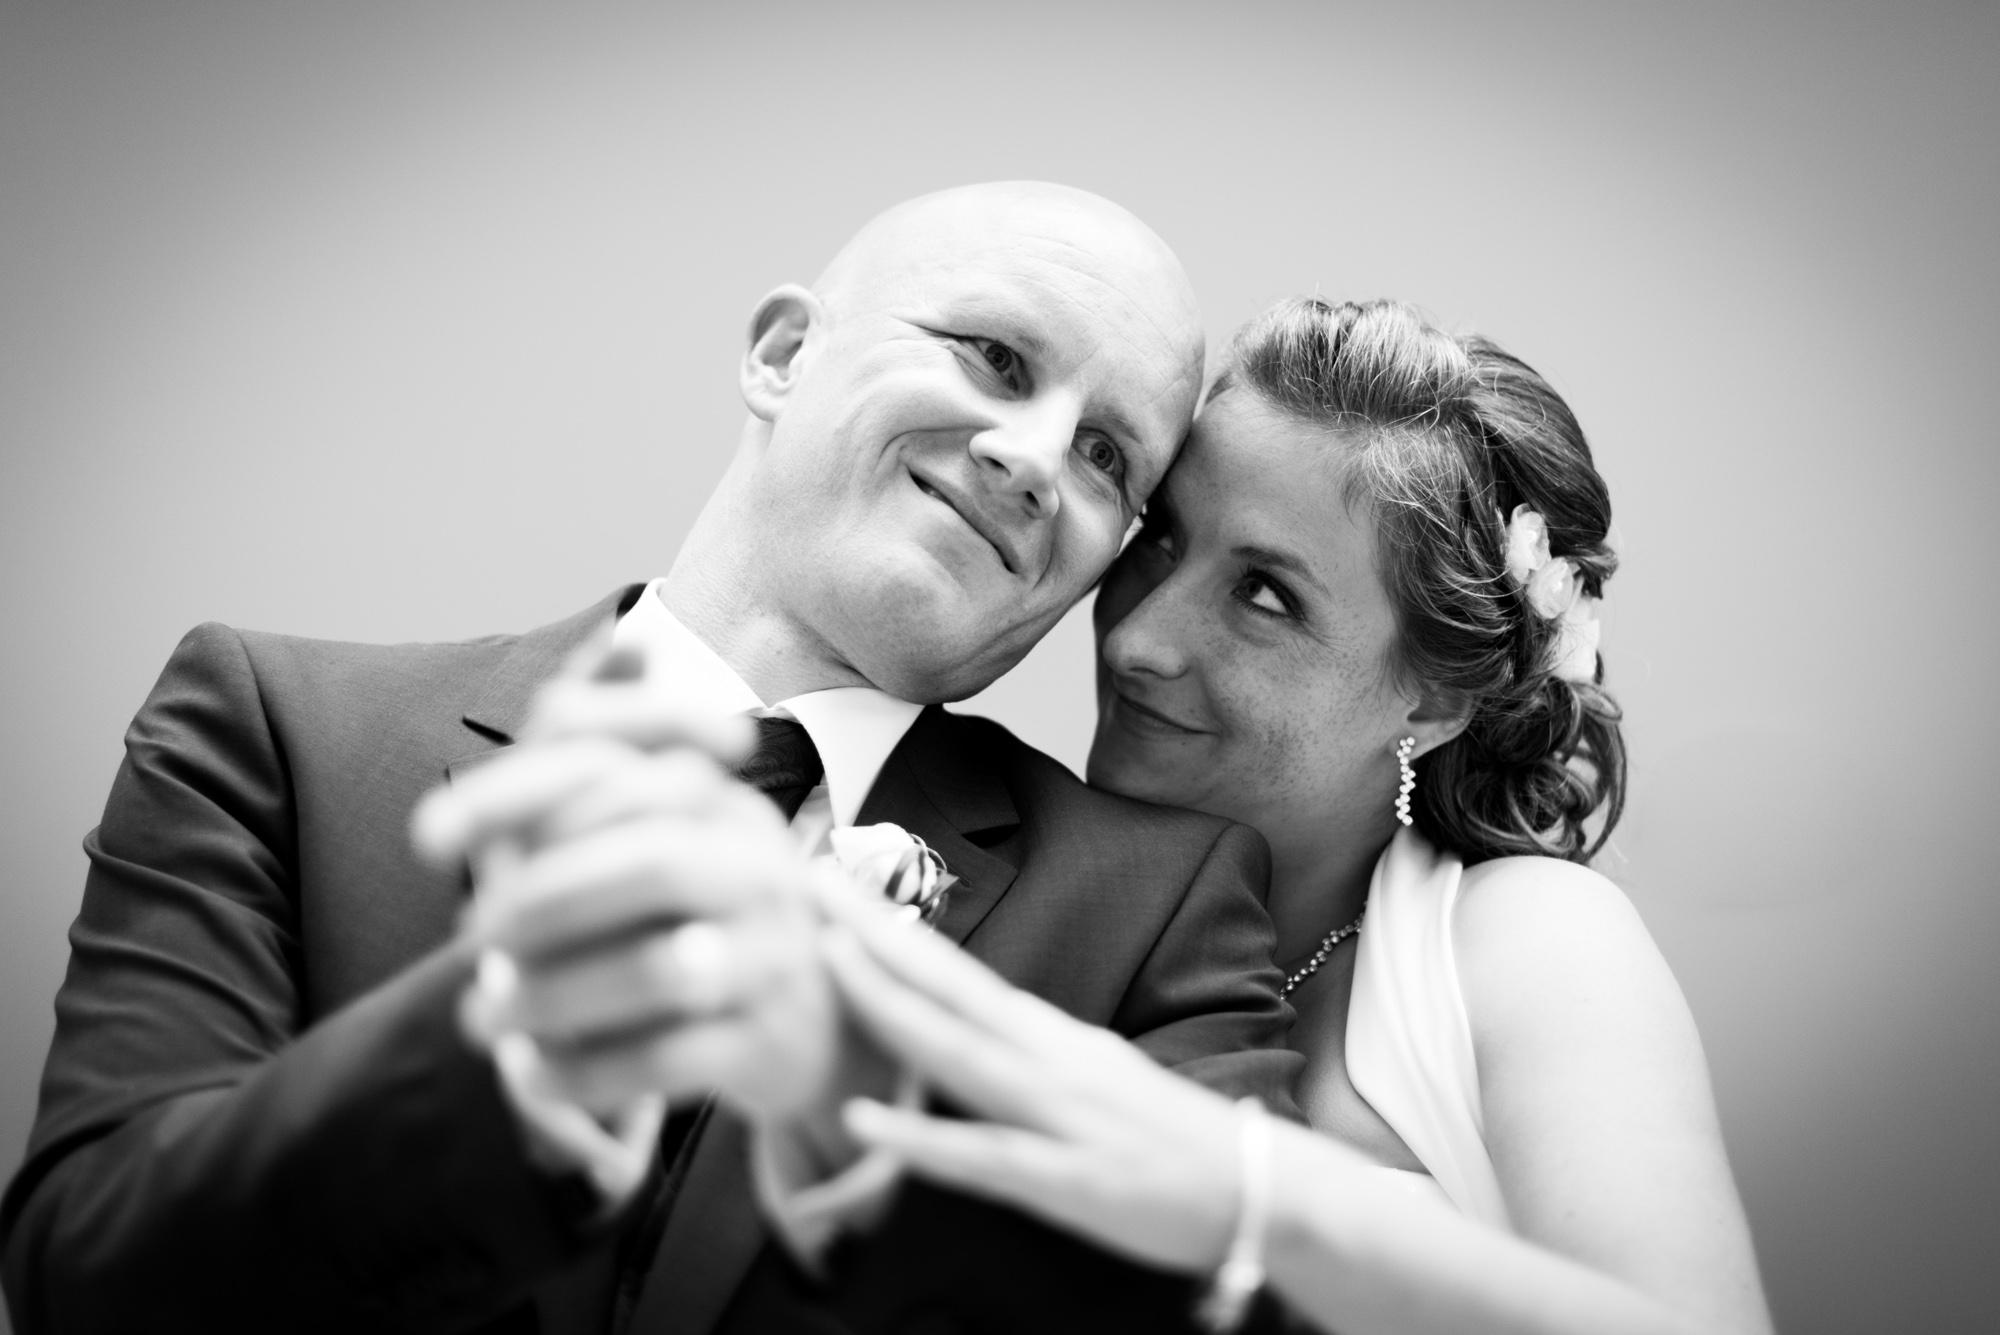 Fotograf Konstanz - Als Hochzeitsfotograf in Bad Dürrheim unterwegs  - 47 -